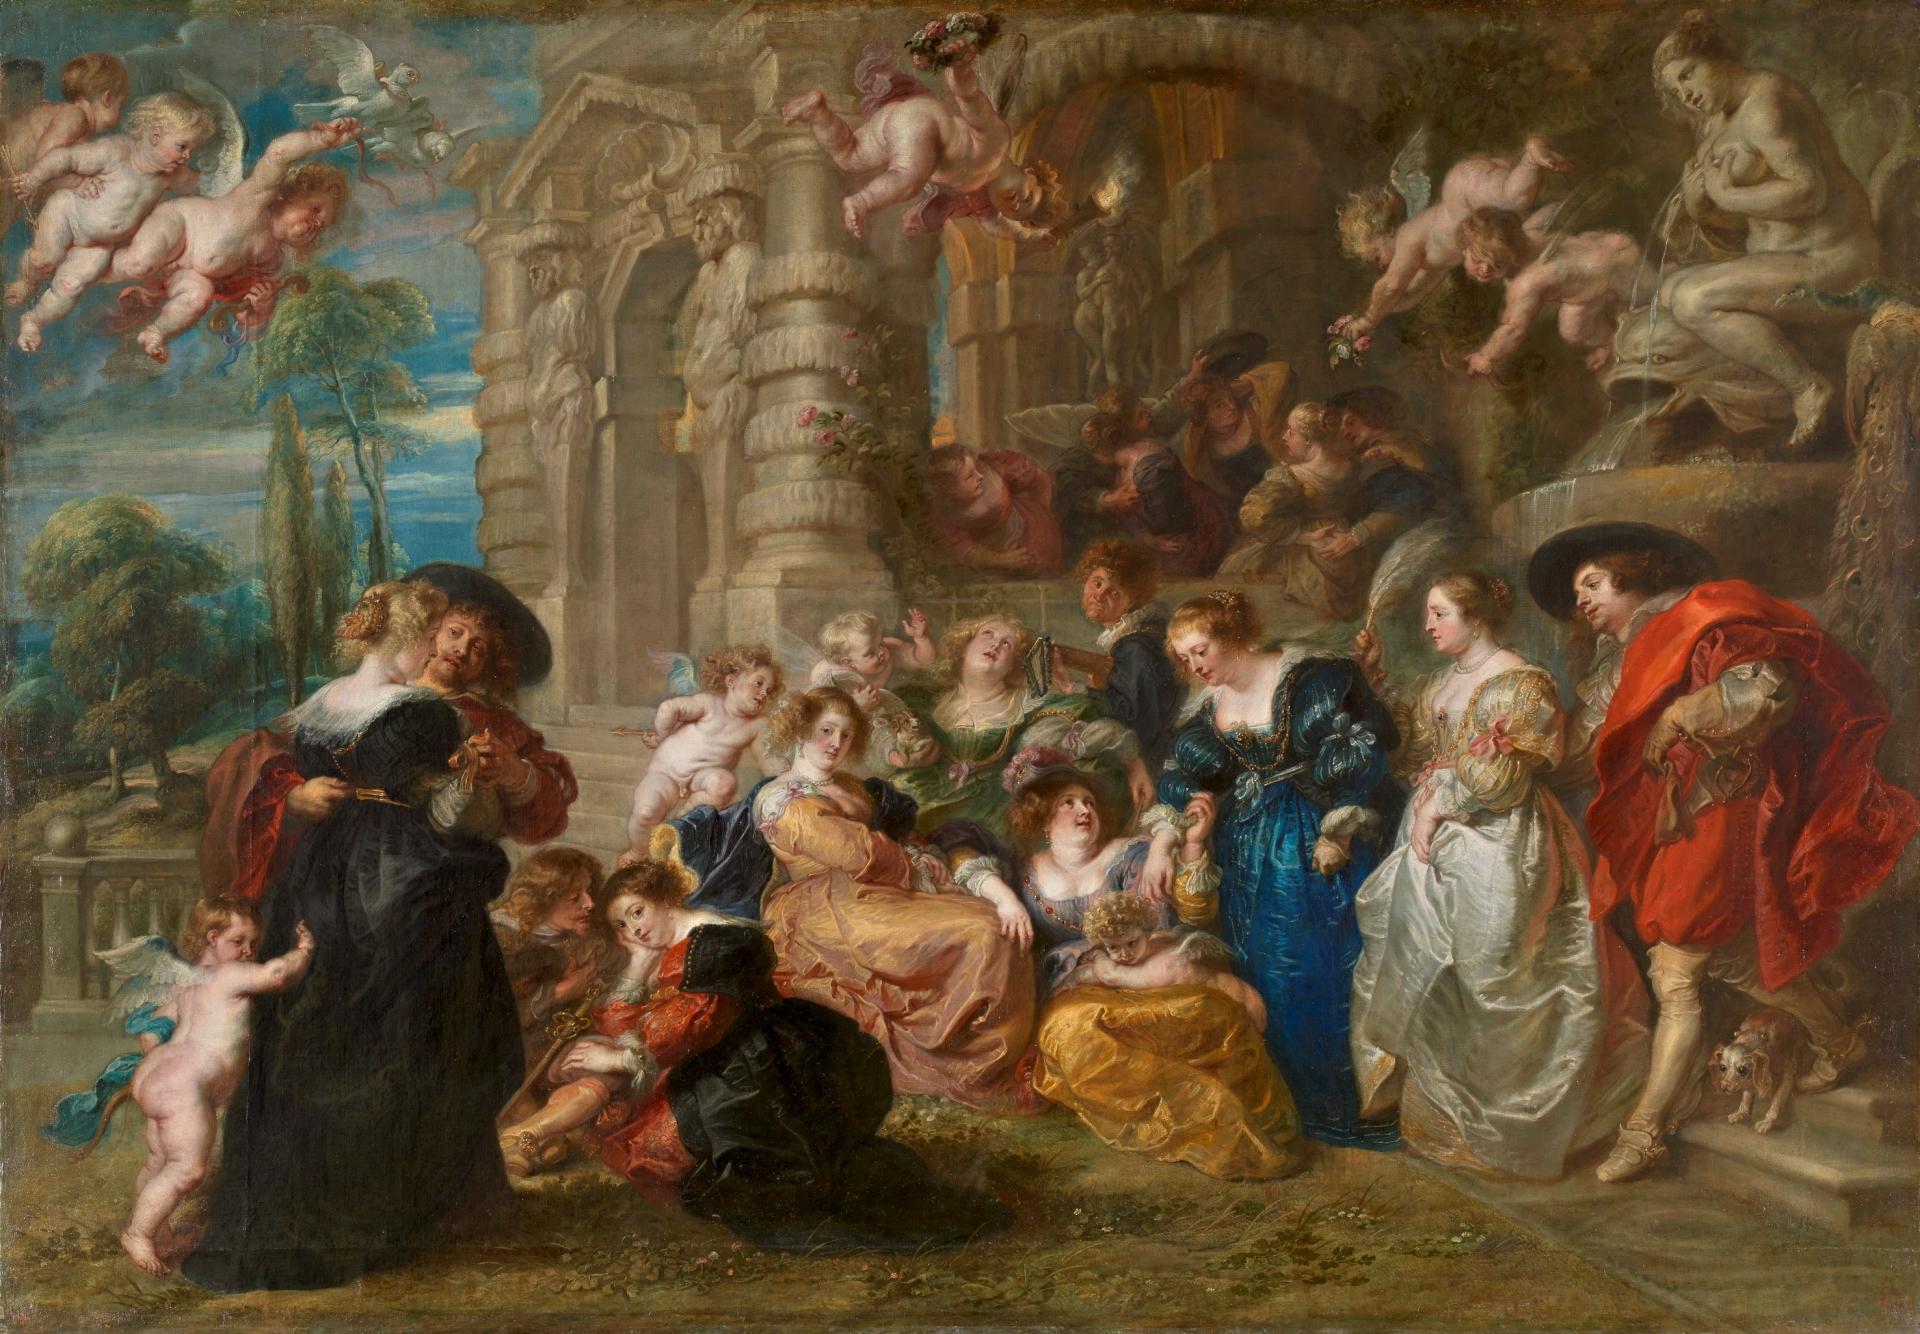 The Garden of Love - The Collection - Museo Nacional del Prado